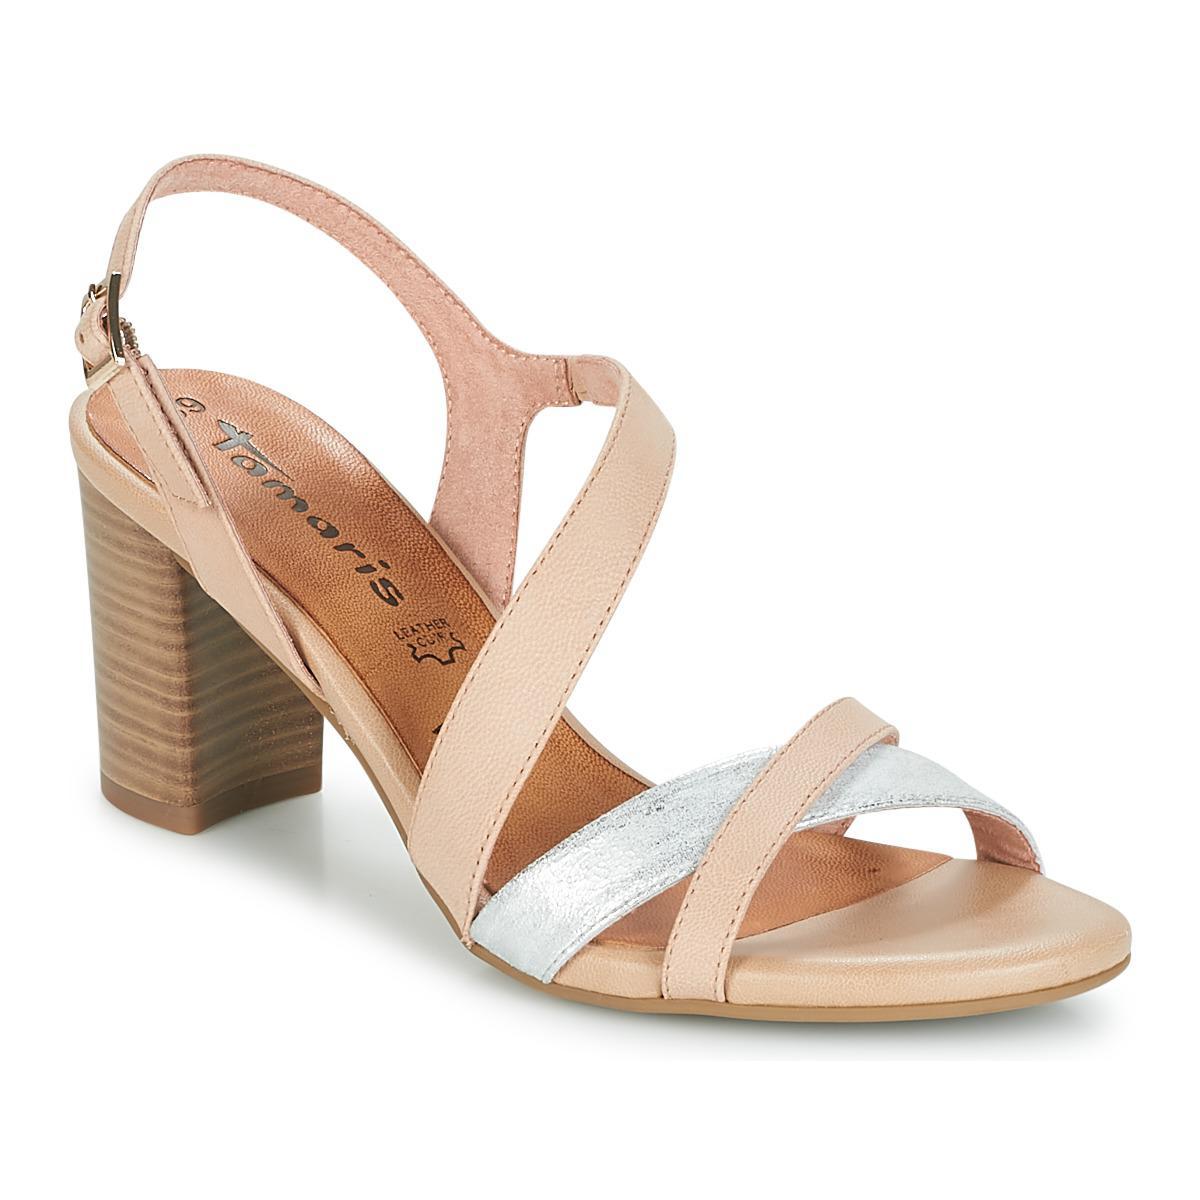 Lyst Tamaris Women's Pink Sandals In Facapon bgfy76